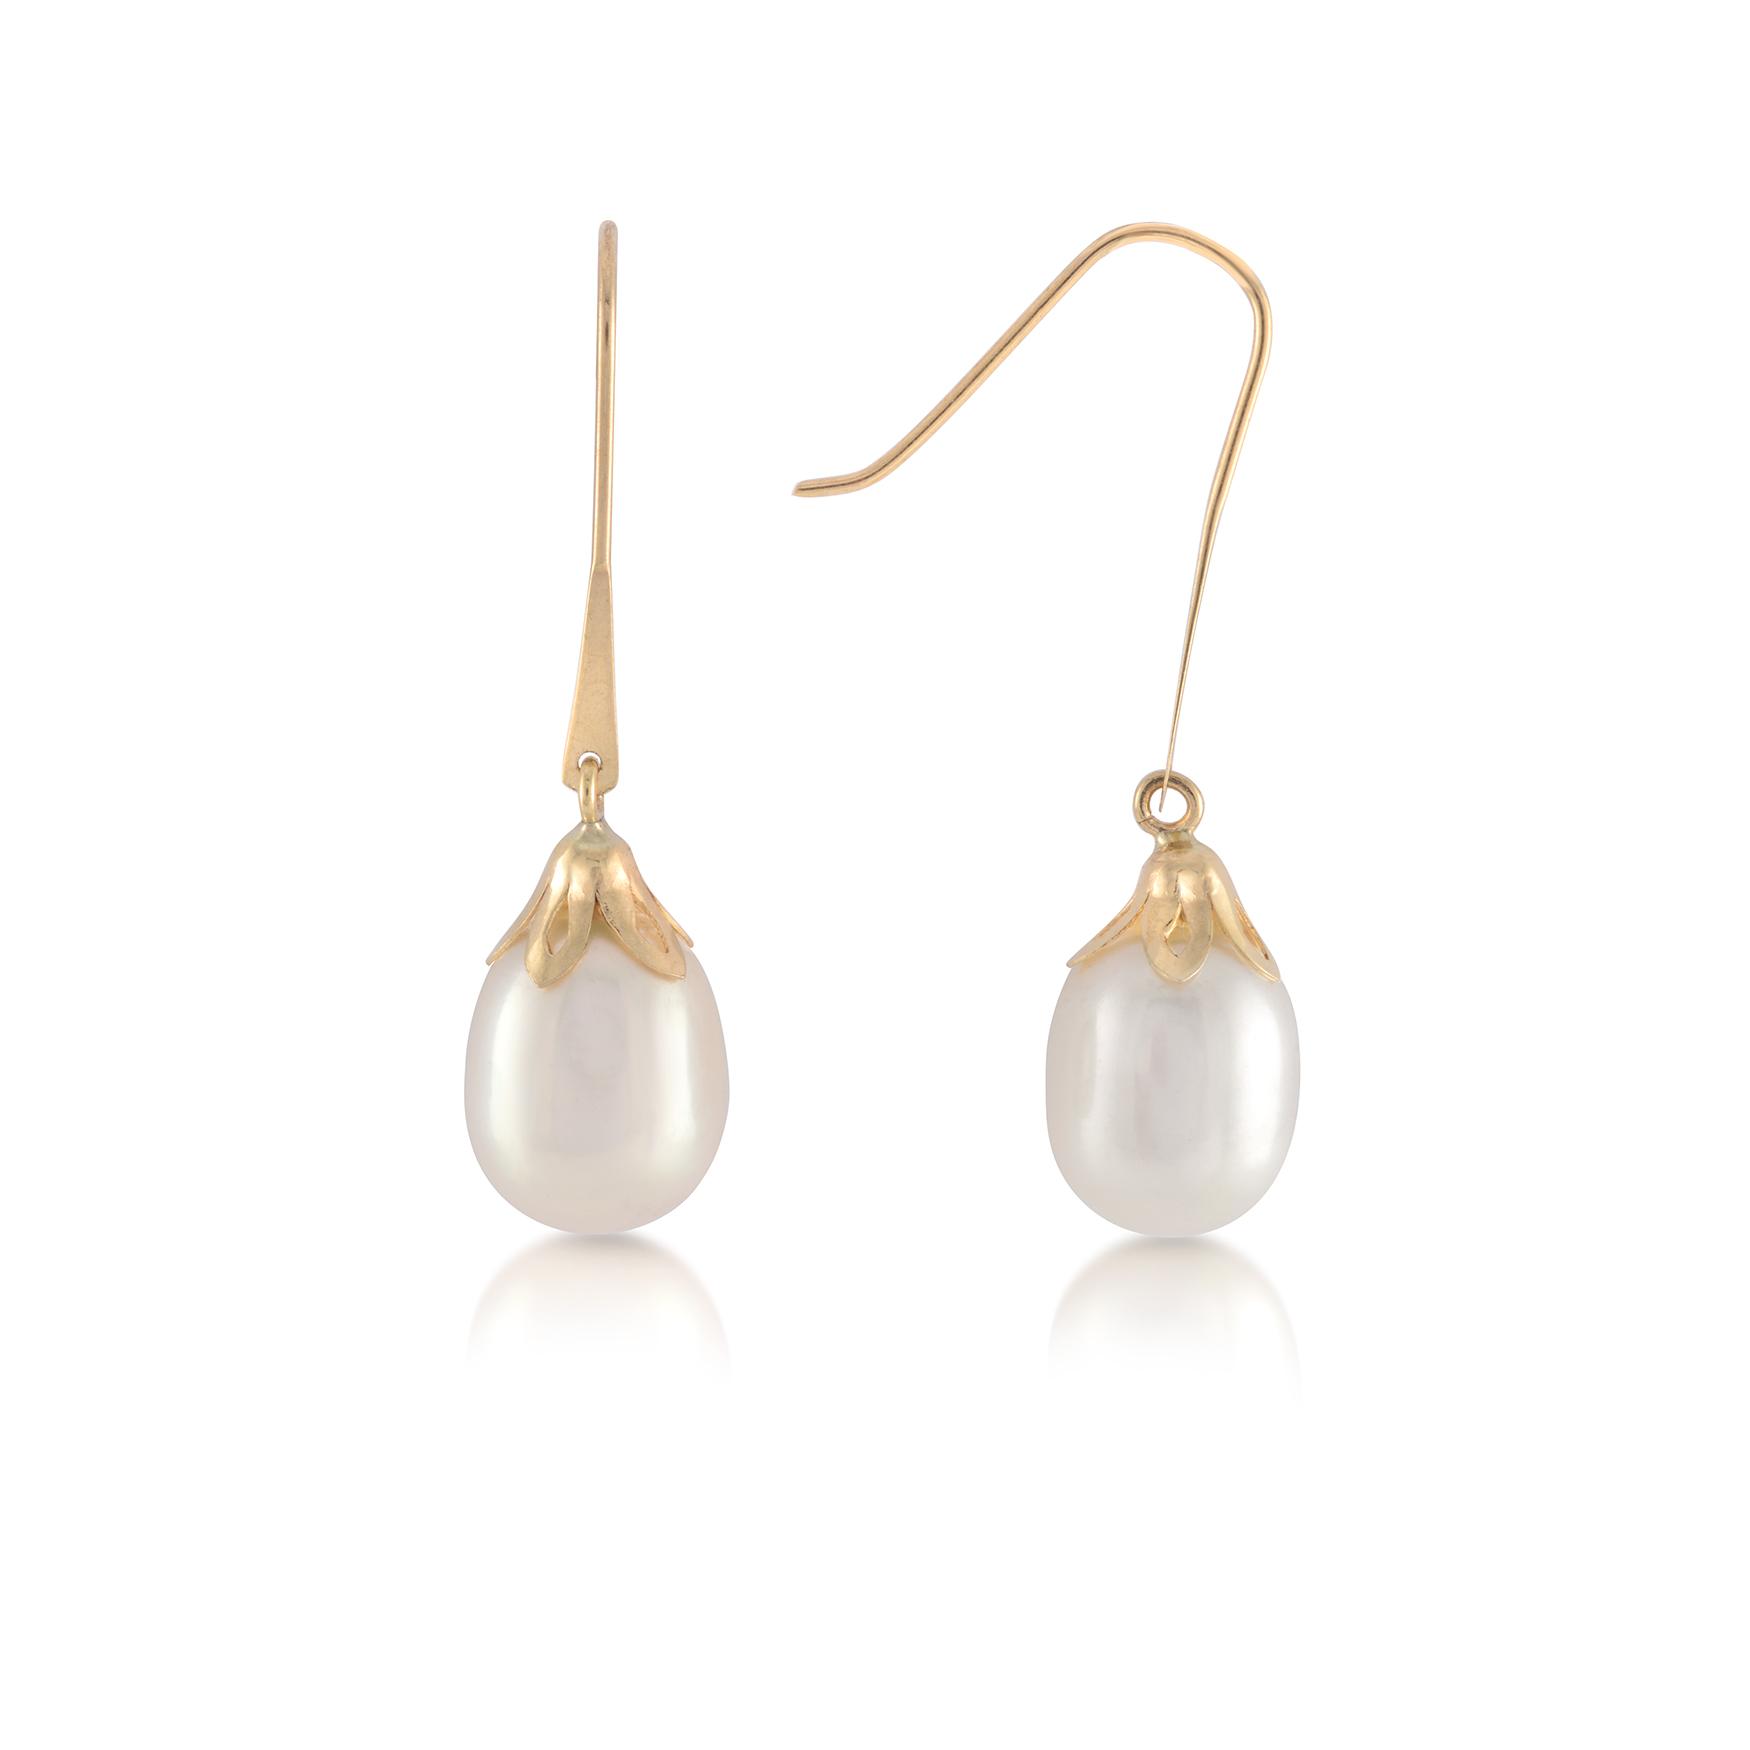 Boucles d'oreilles pendantes serties de perles d'eau douce - en or jaune 10K